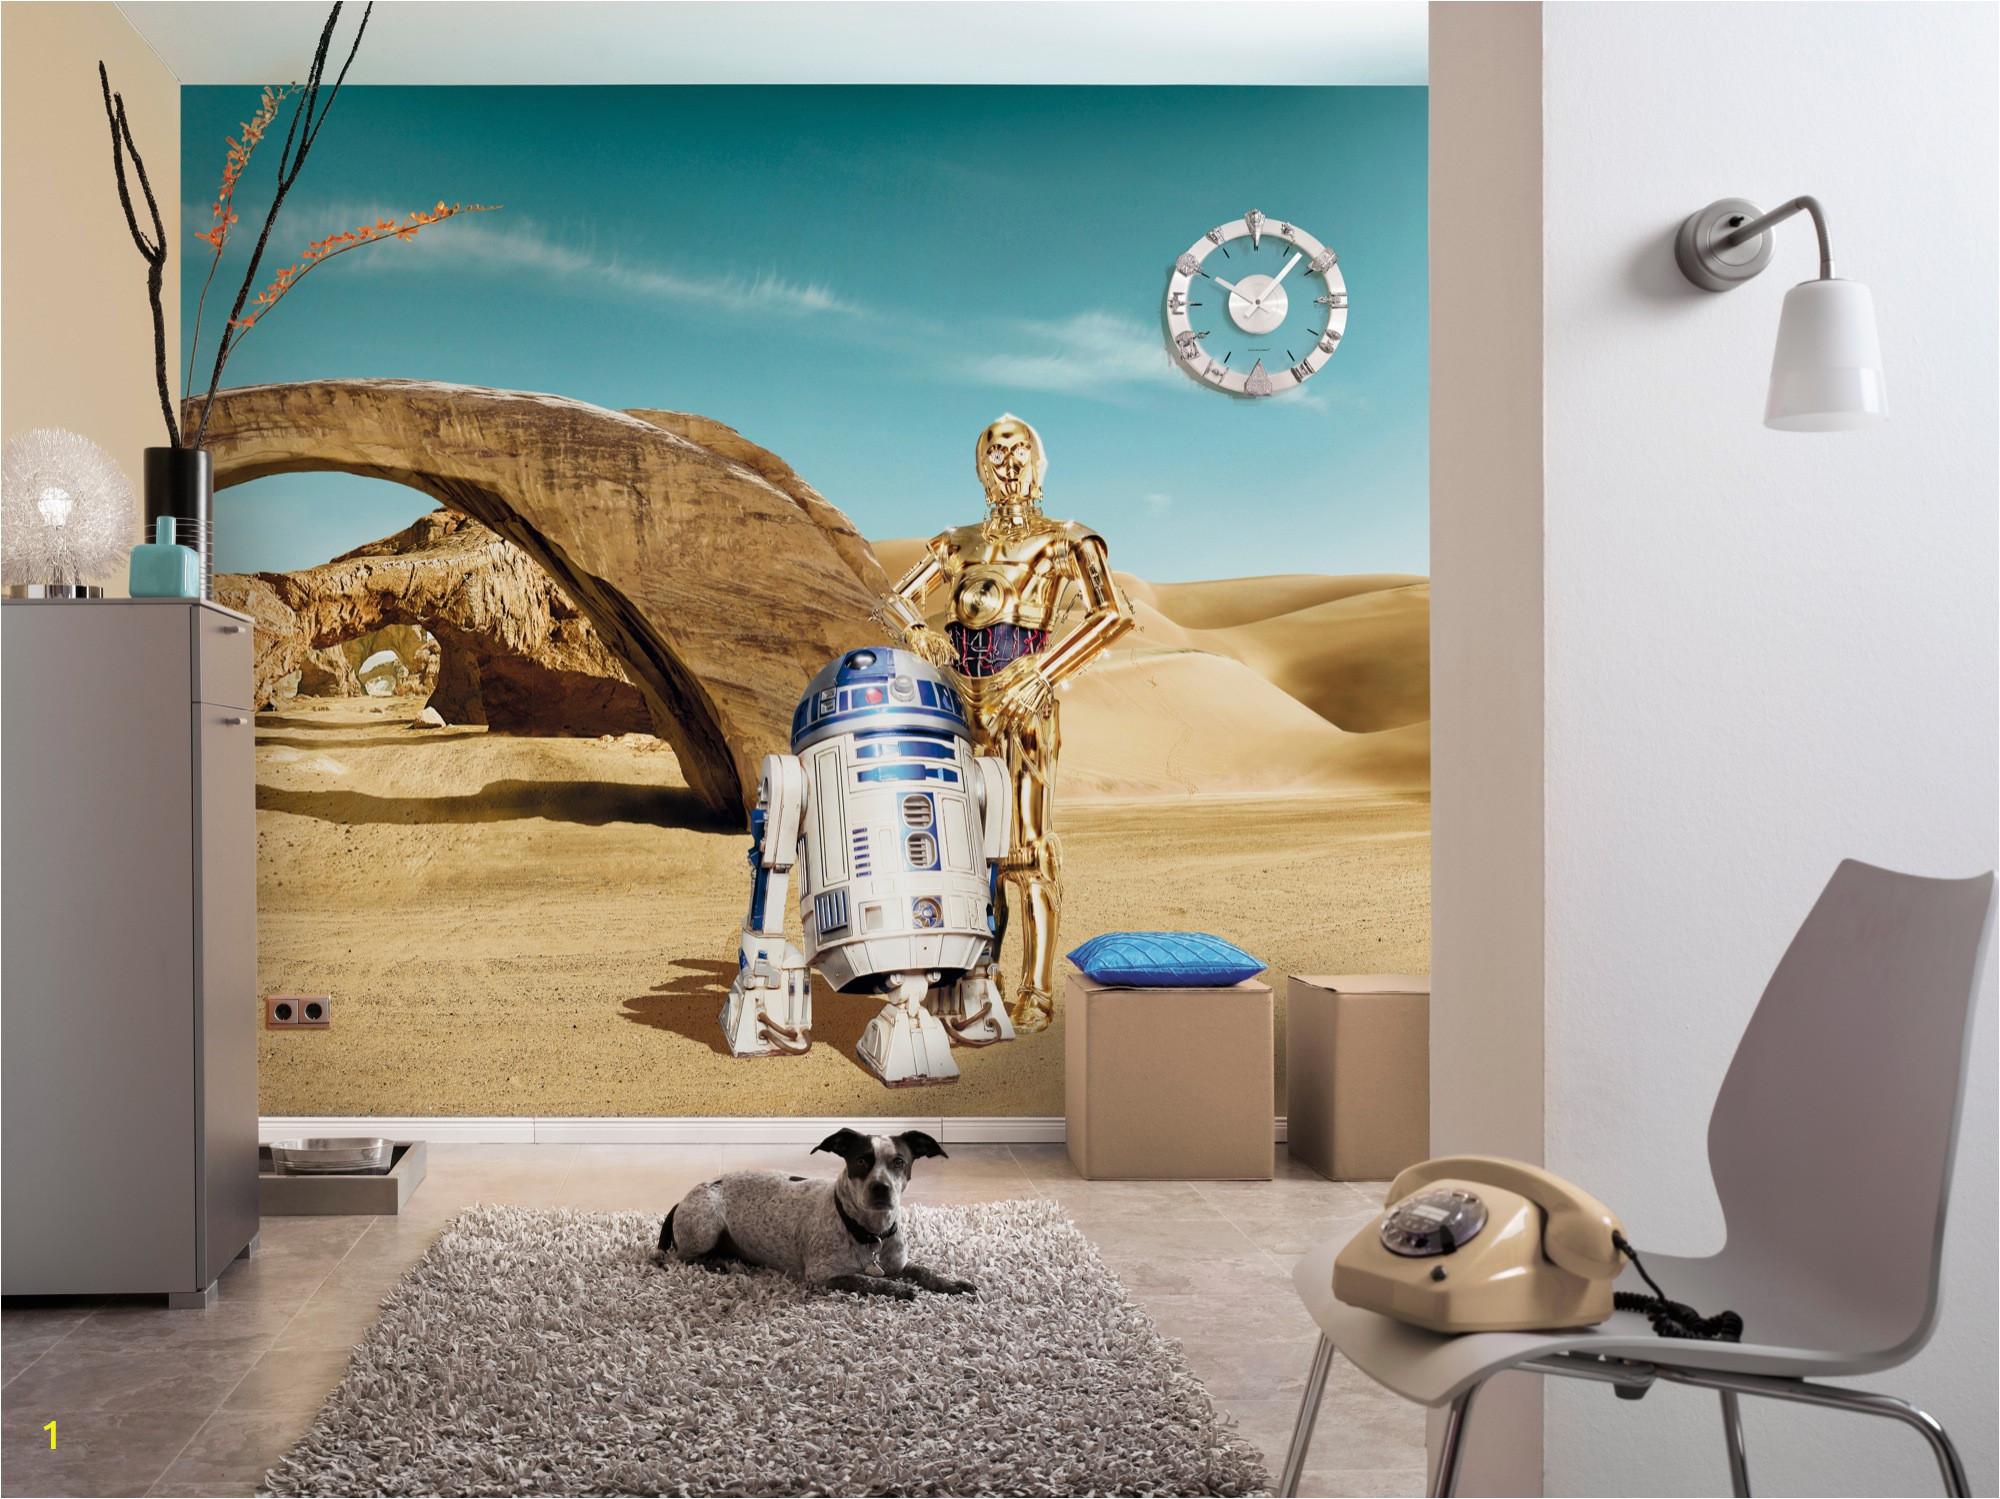 8 484 star wars lost droids interieur i